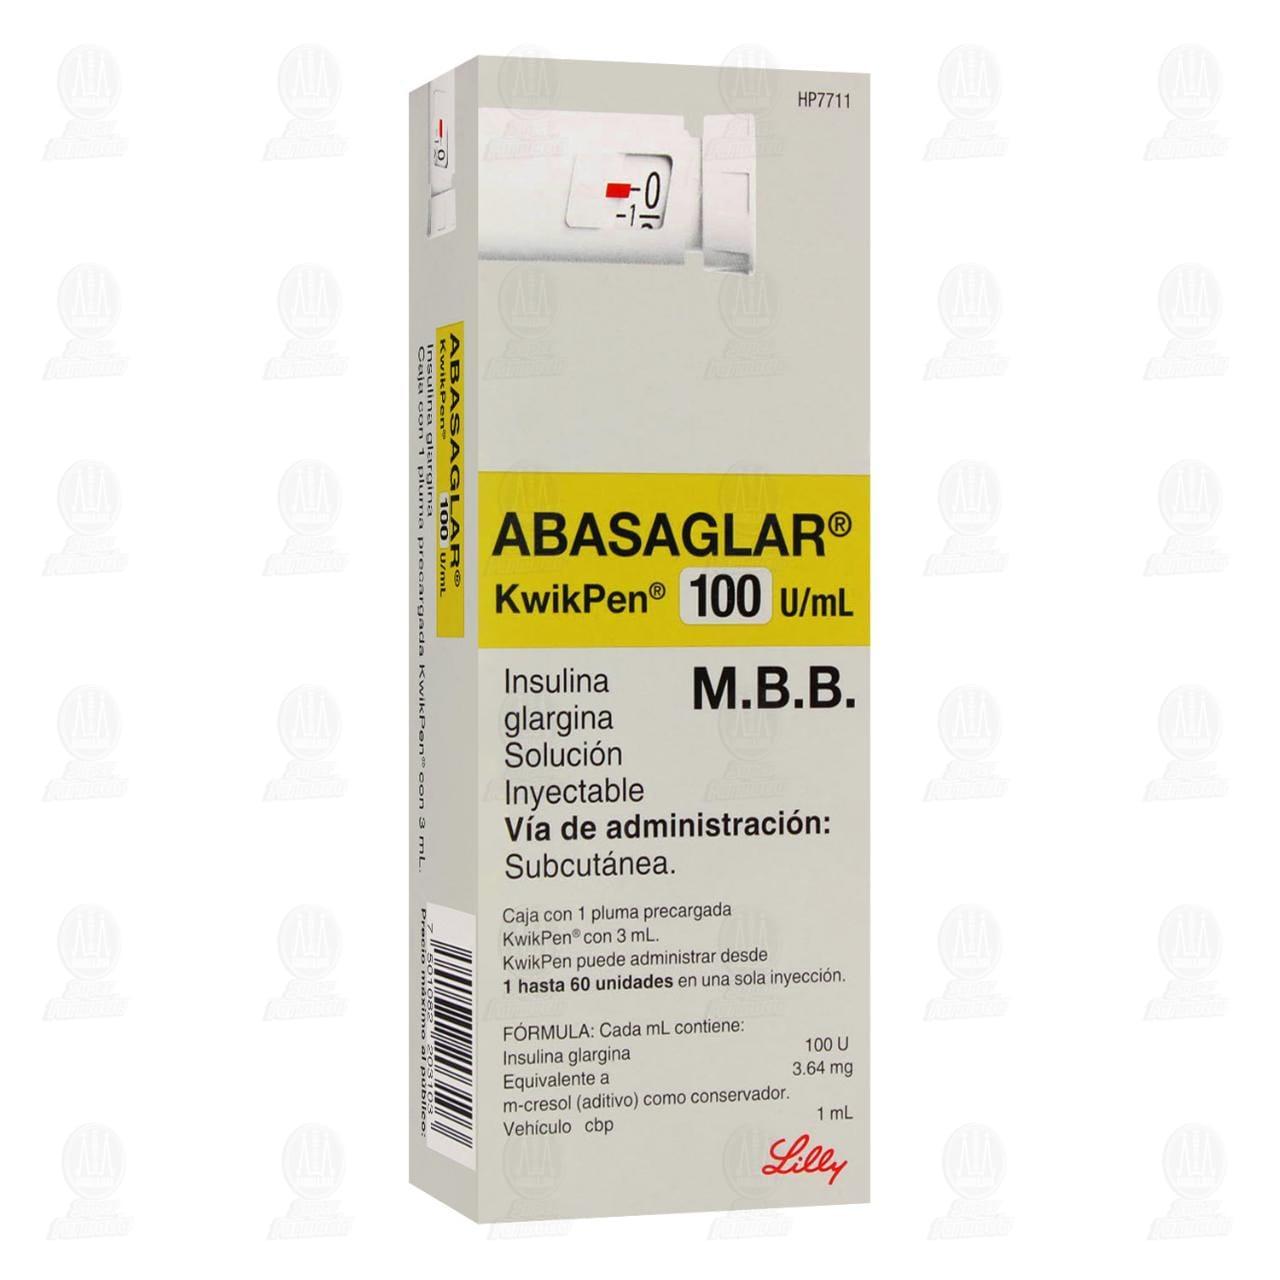 Comprar Abasaglar KwikPen 100 u/ml 1 Pluma Recargada 3ml en Farmacias Guadalajara